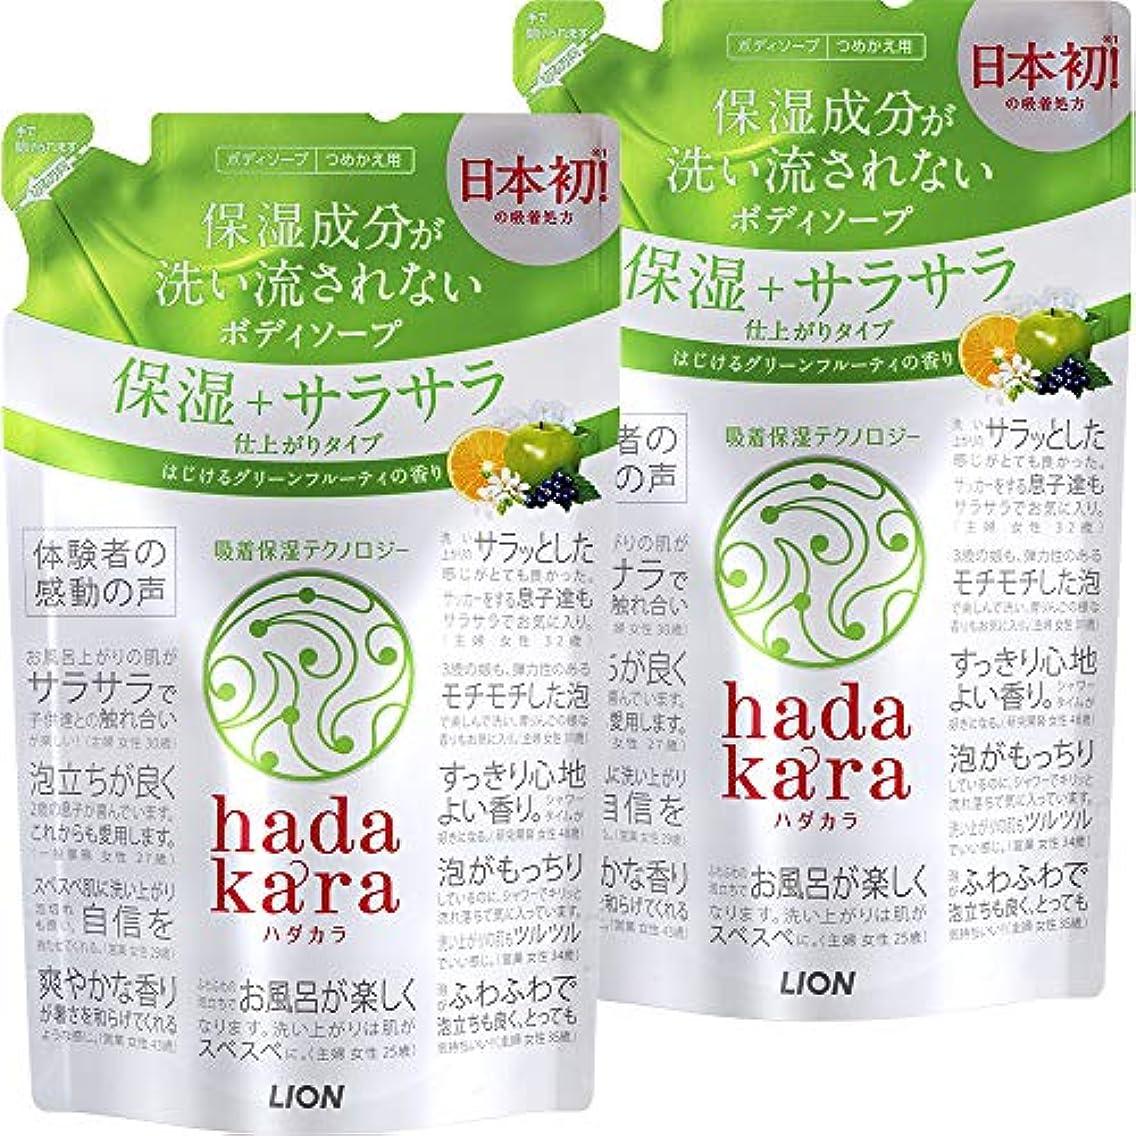 ダーベビルのテス全国病気だと思う【まとめ買い】hadakara(ハダカラ) ボディソープ 保湿+サラサラ仕上がりタイプ グリーンフルーティの香り 詰め替え 340ml×2個パック